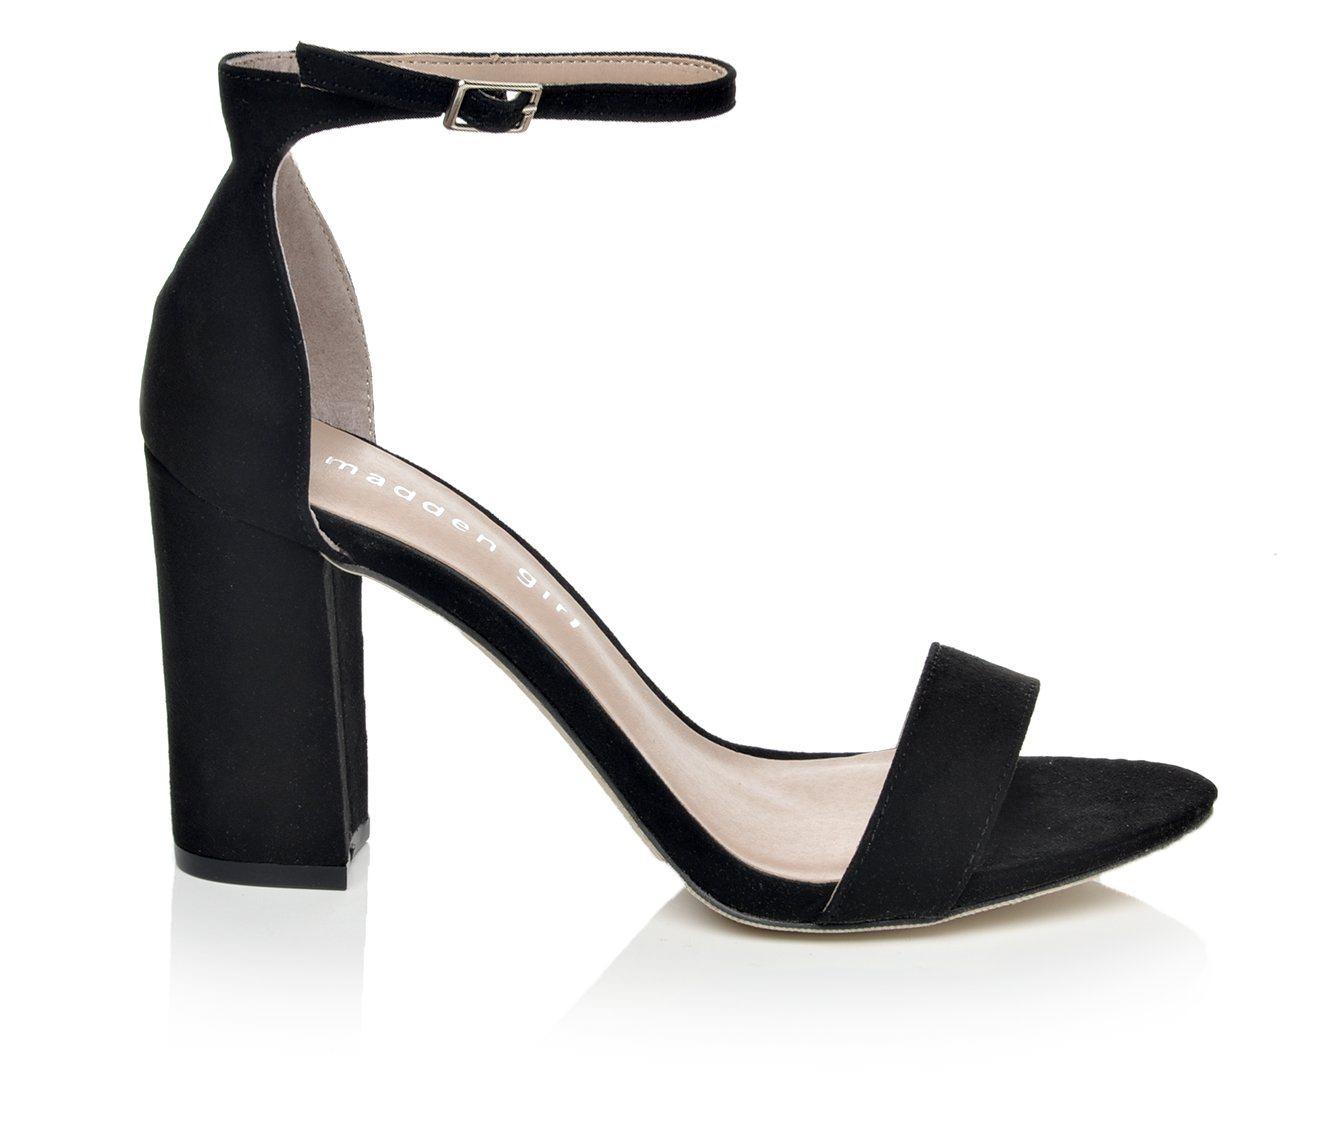 Women's Madden Girl Beella Block Heels (Black)